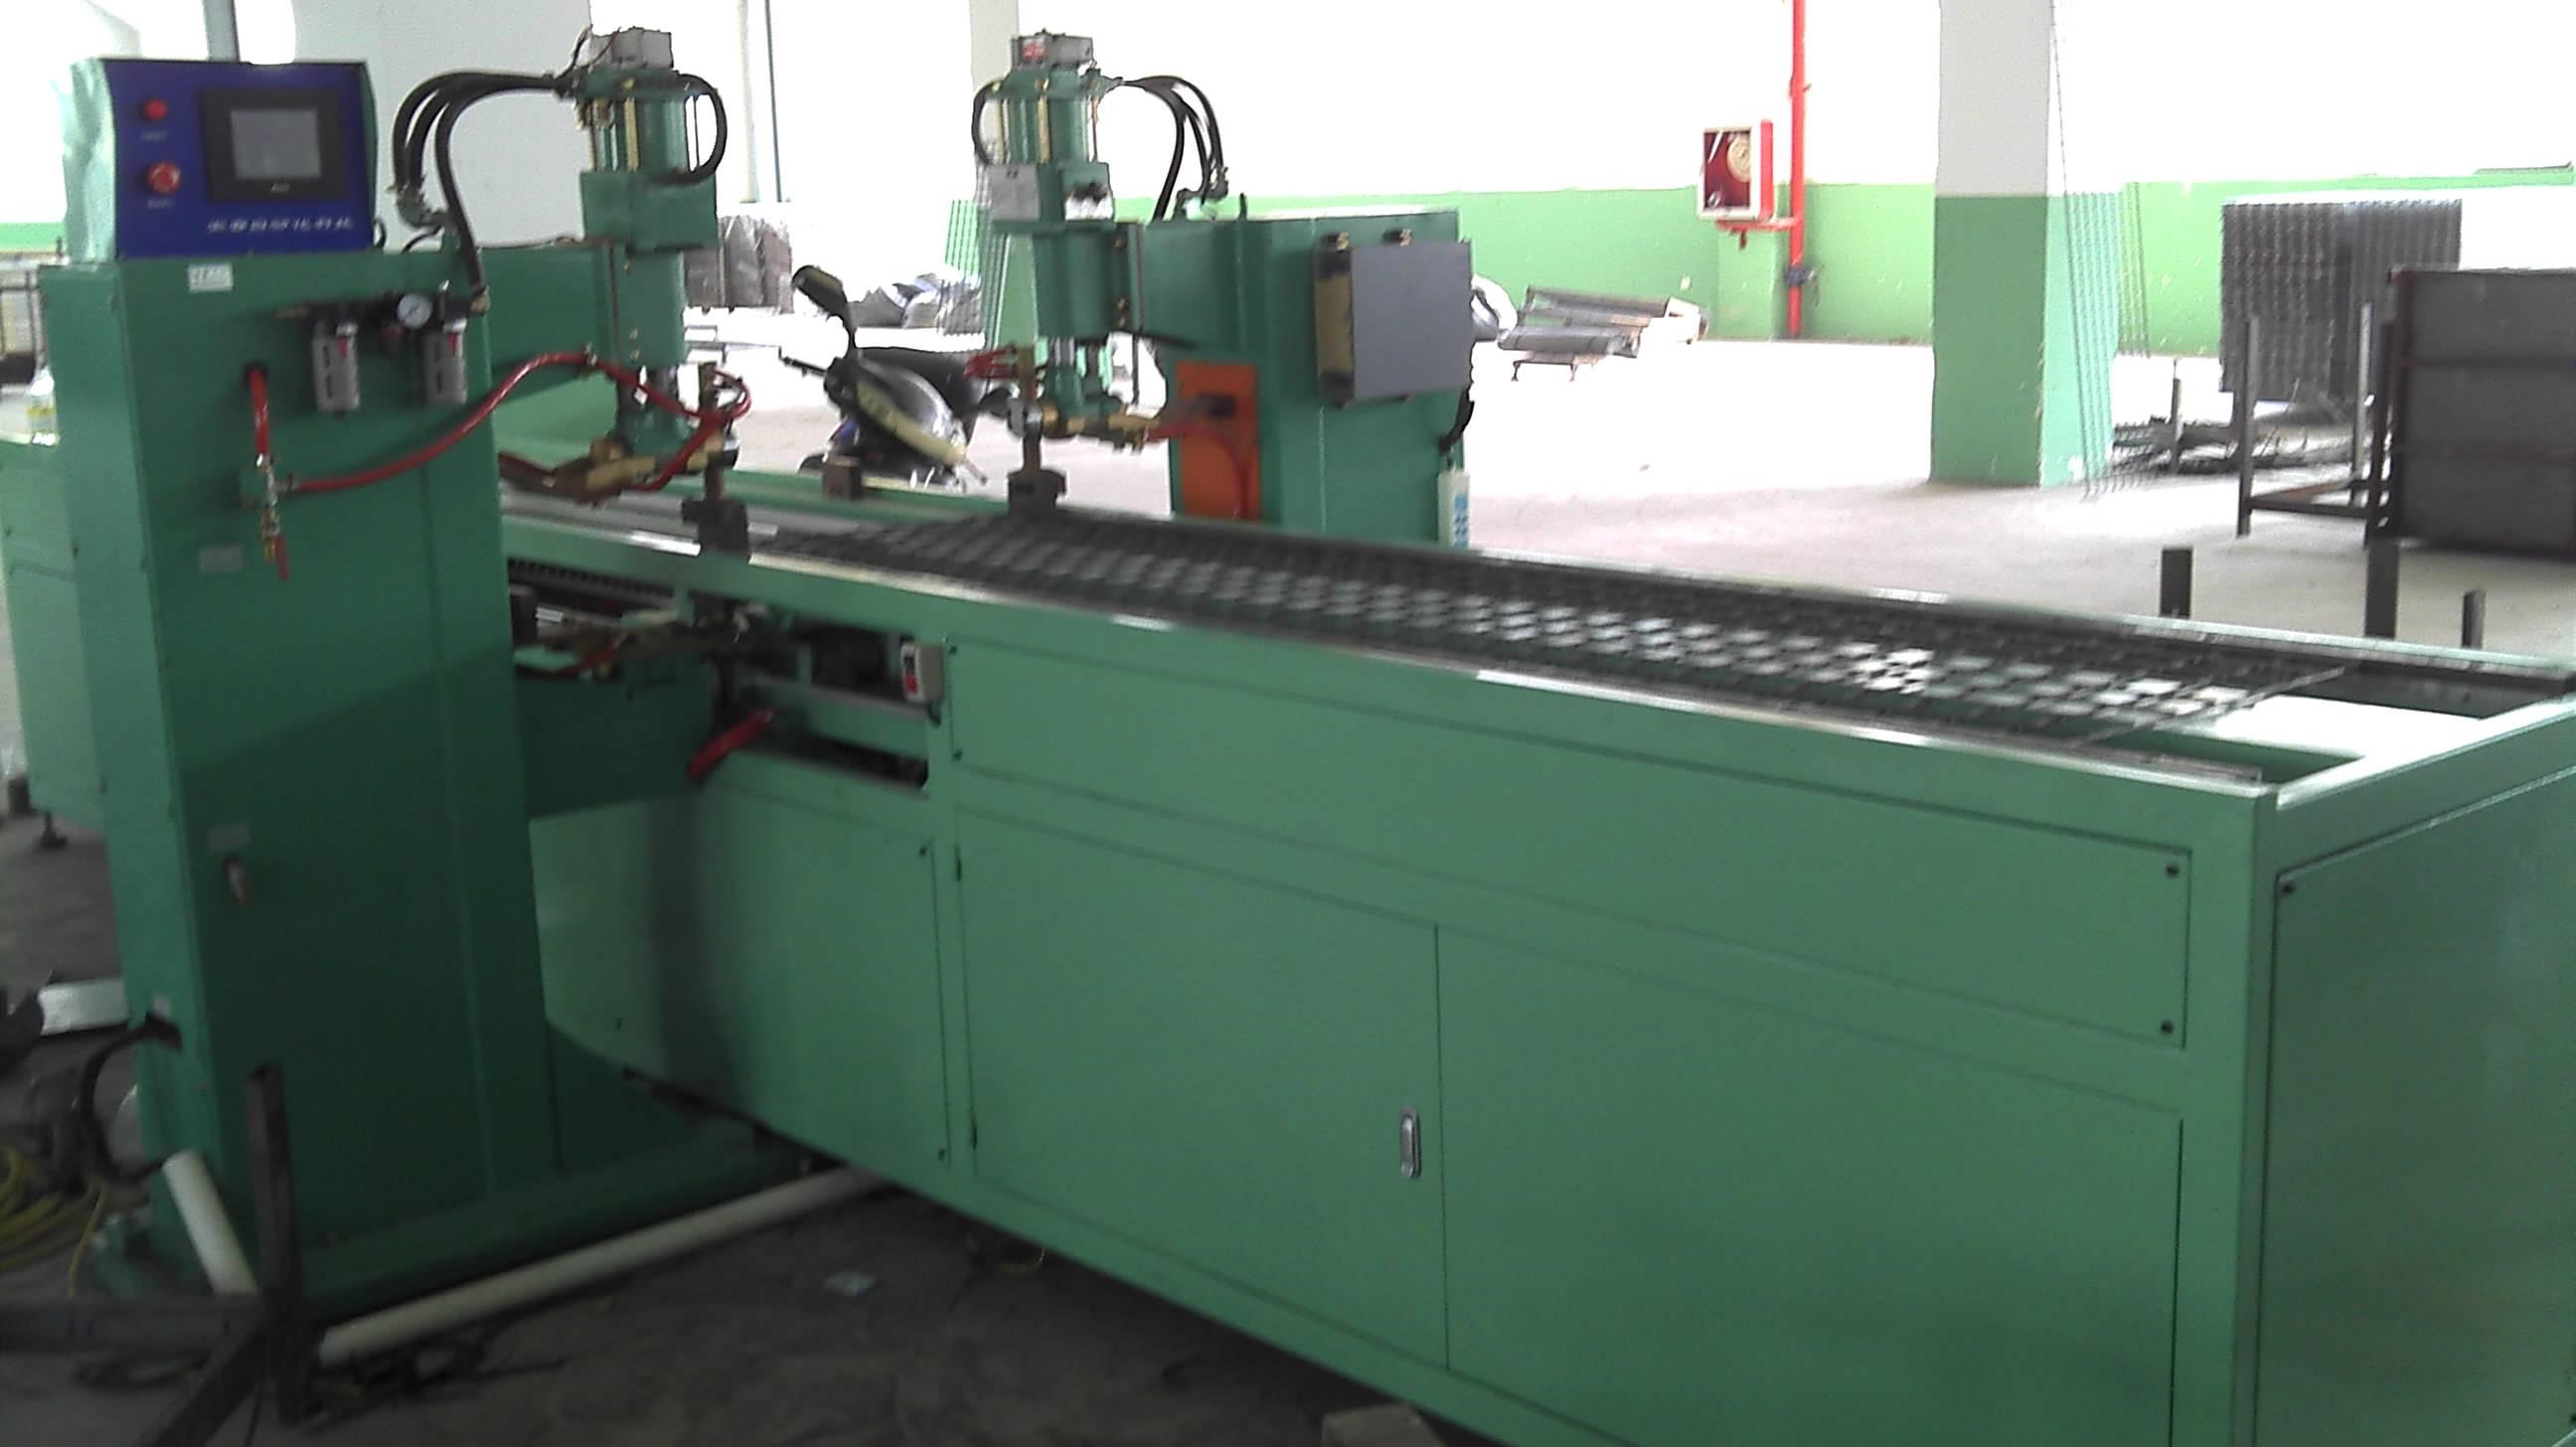 江苏超声波焊接设备报价|江苏塑料焊接设备报价|江苏焊接设备厂家 焊接厂家